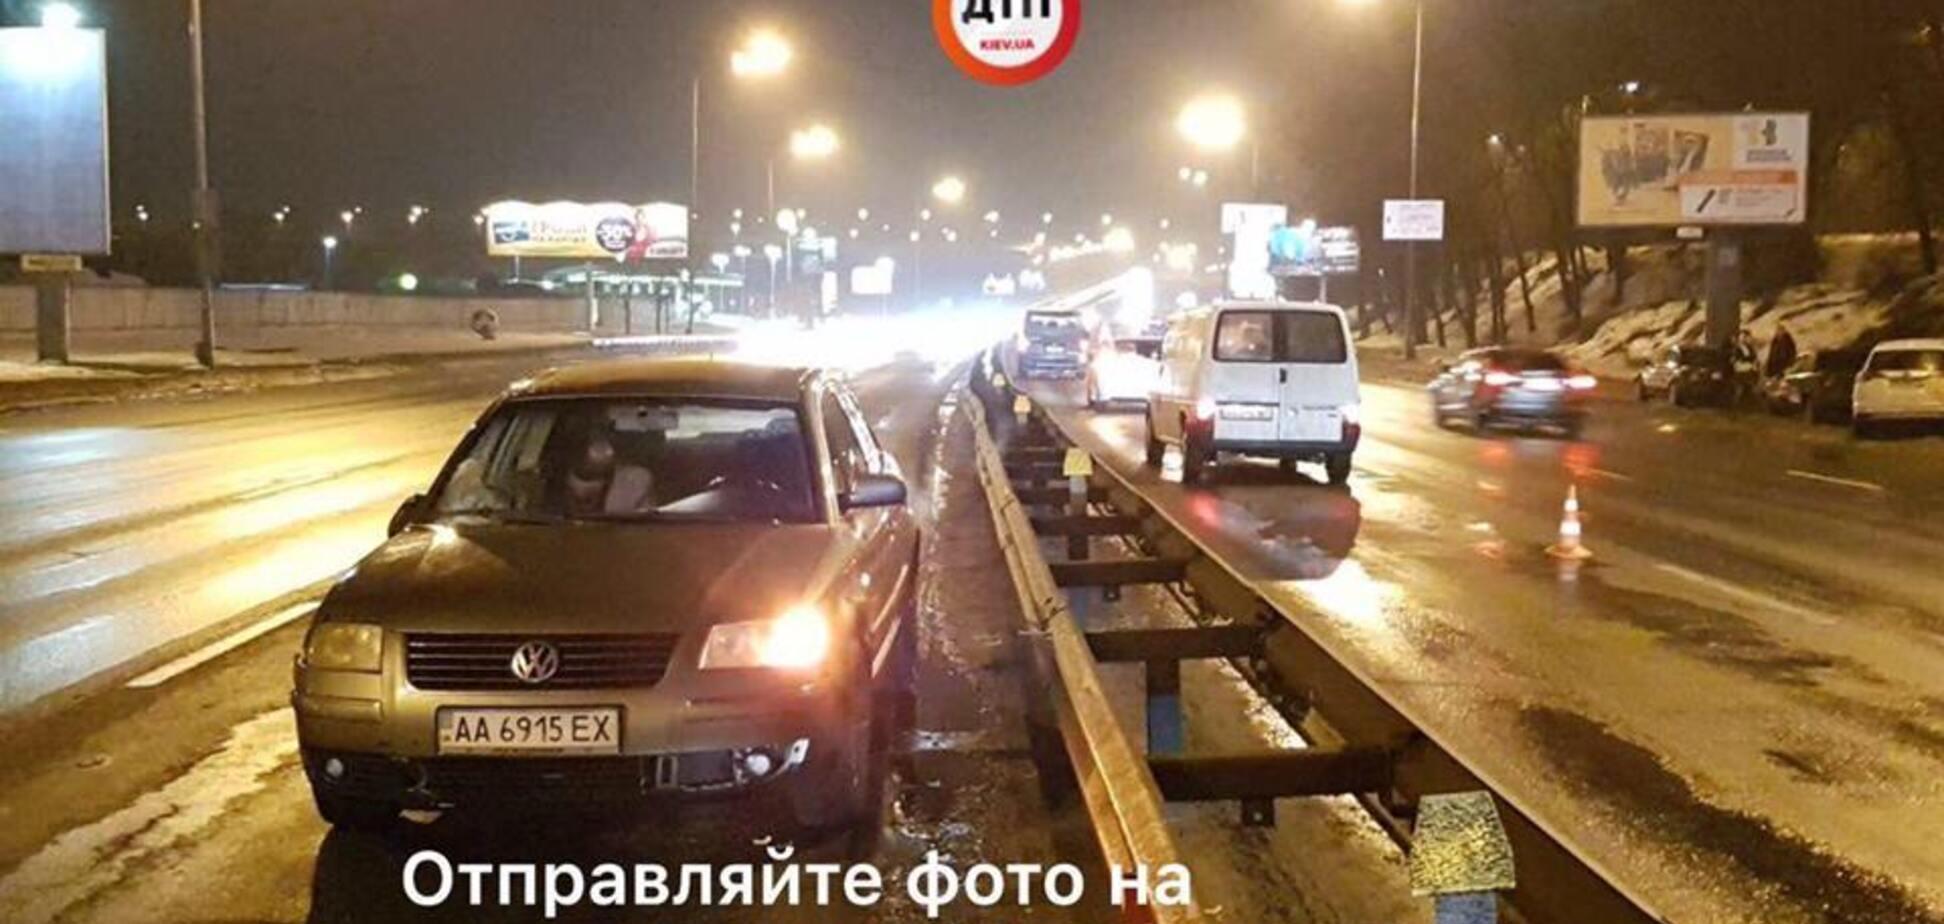 В Киеве боец Нацгвардии попал под авто, спеша на помощь сбитому пешеходу